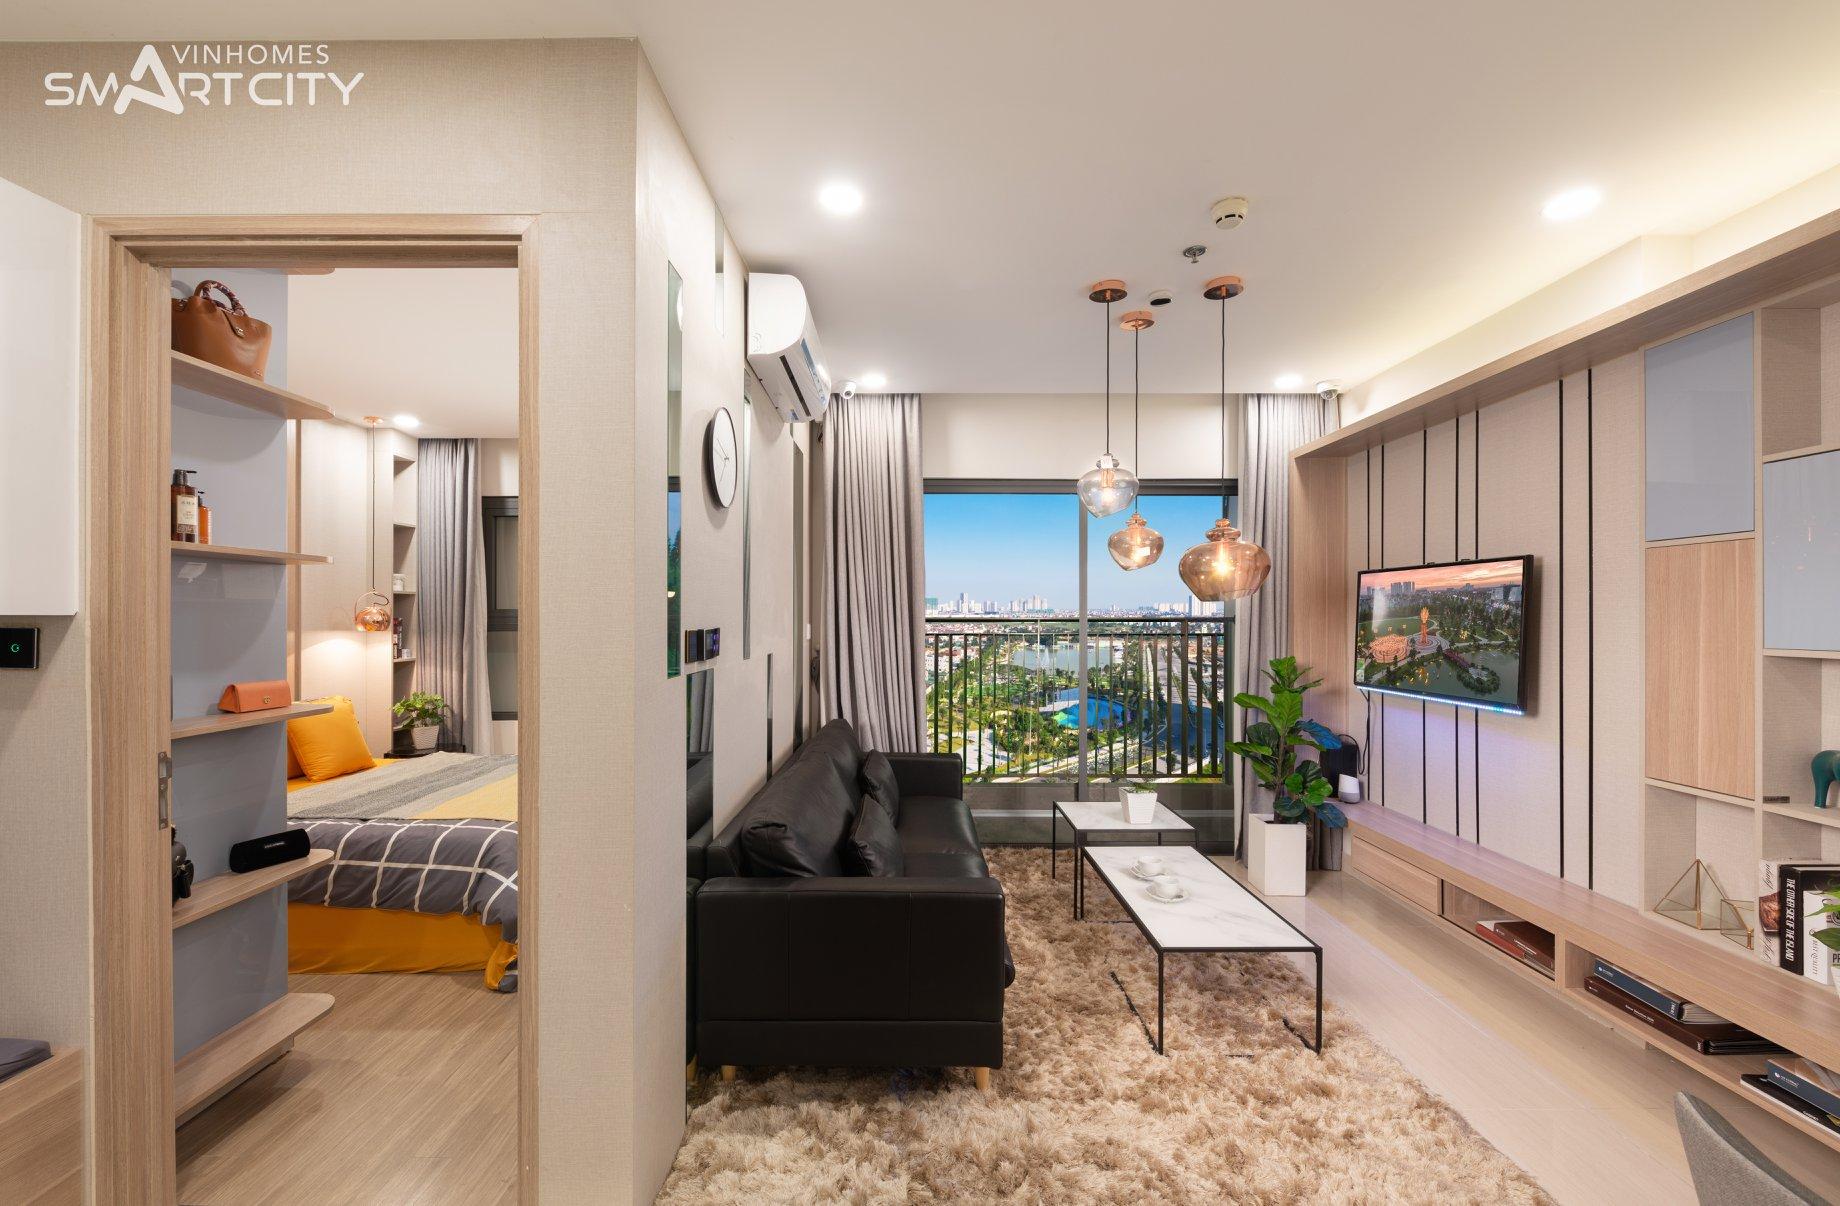 Có nên mua chung cư 1 phòng ngủ không? Một số yếu tố cần cân nhắc trước khi mua - Ảnh 2.